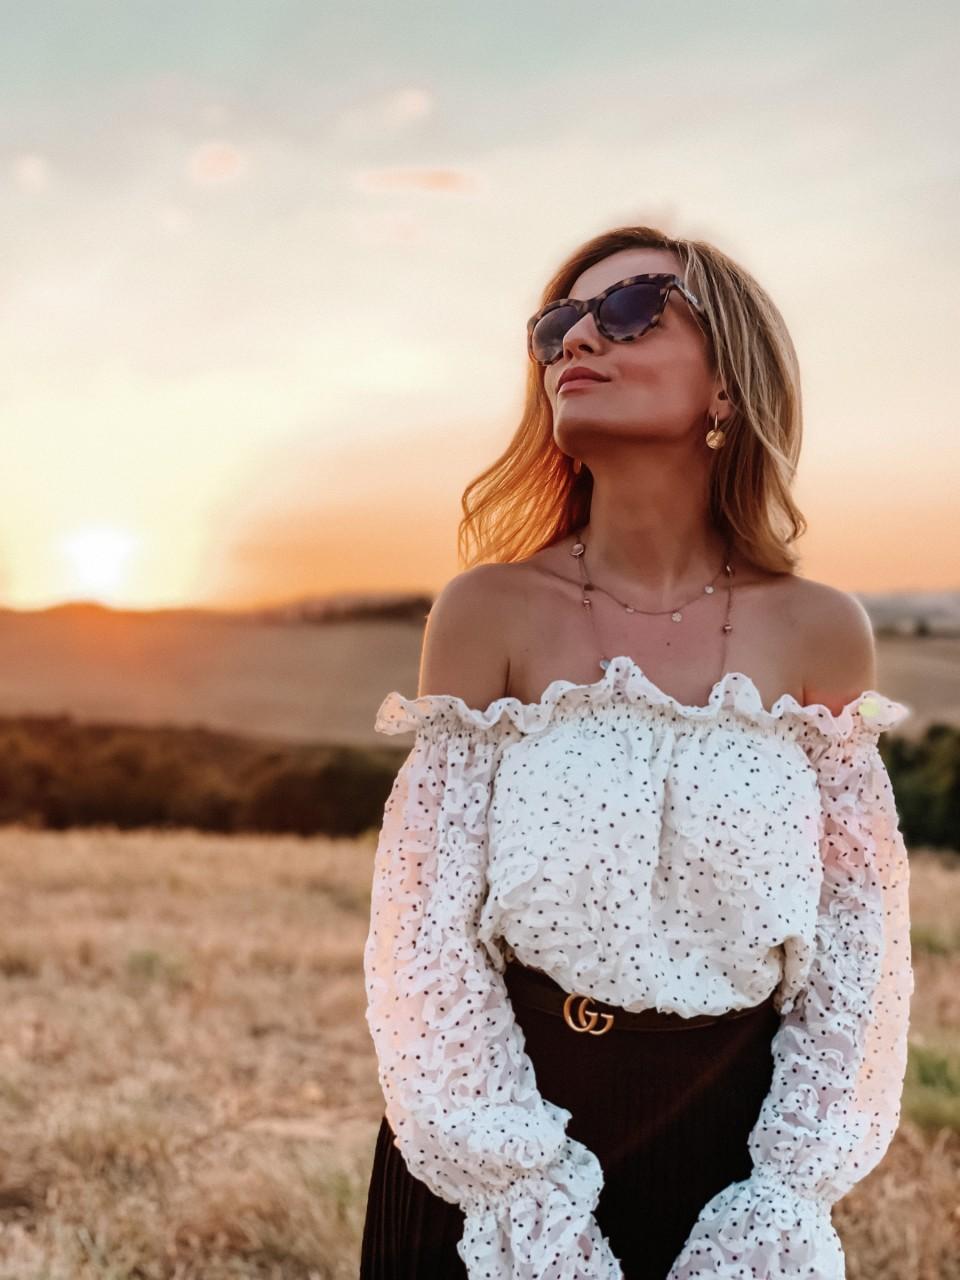 toskania stylizacja ania zając fashionable blog lifestyle (Niestandardowy)